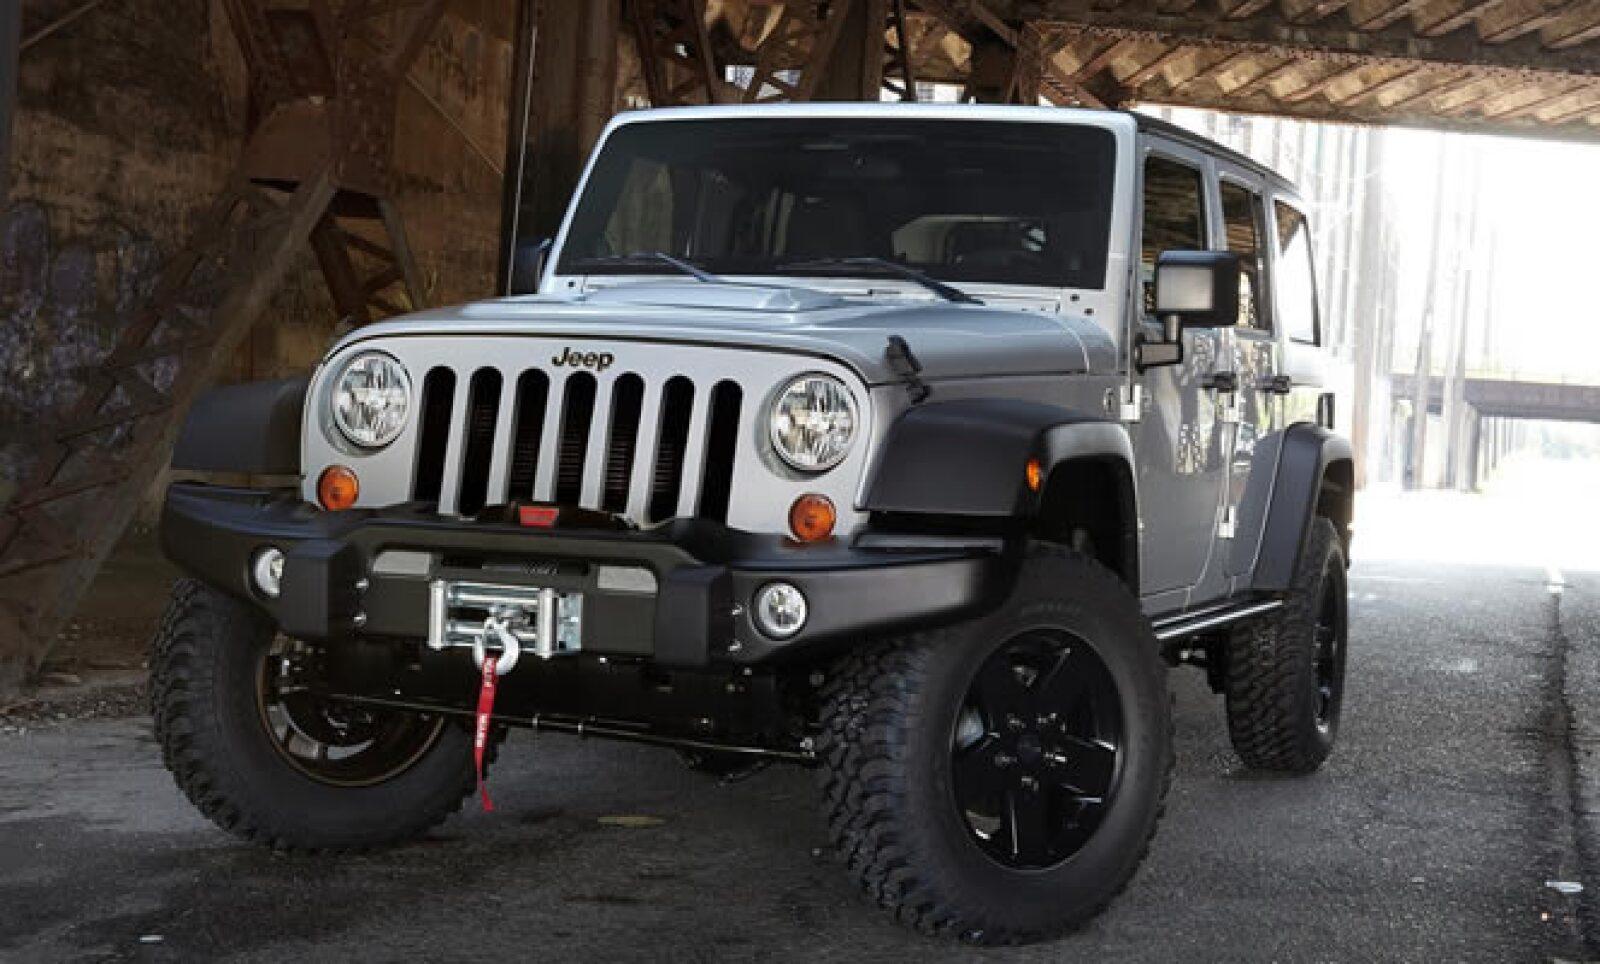 Jeep y la firma de videojuegos Activision se unieron para crear una edición especial de su camioneta, con el juego 'Call of Duty: Modern Warfare 3'.